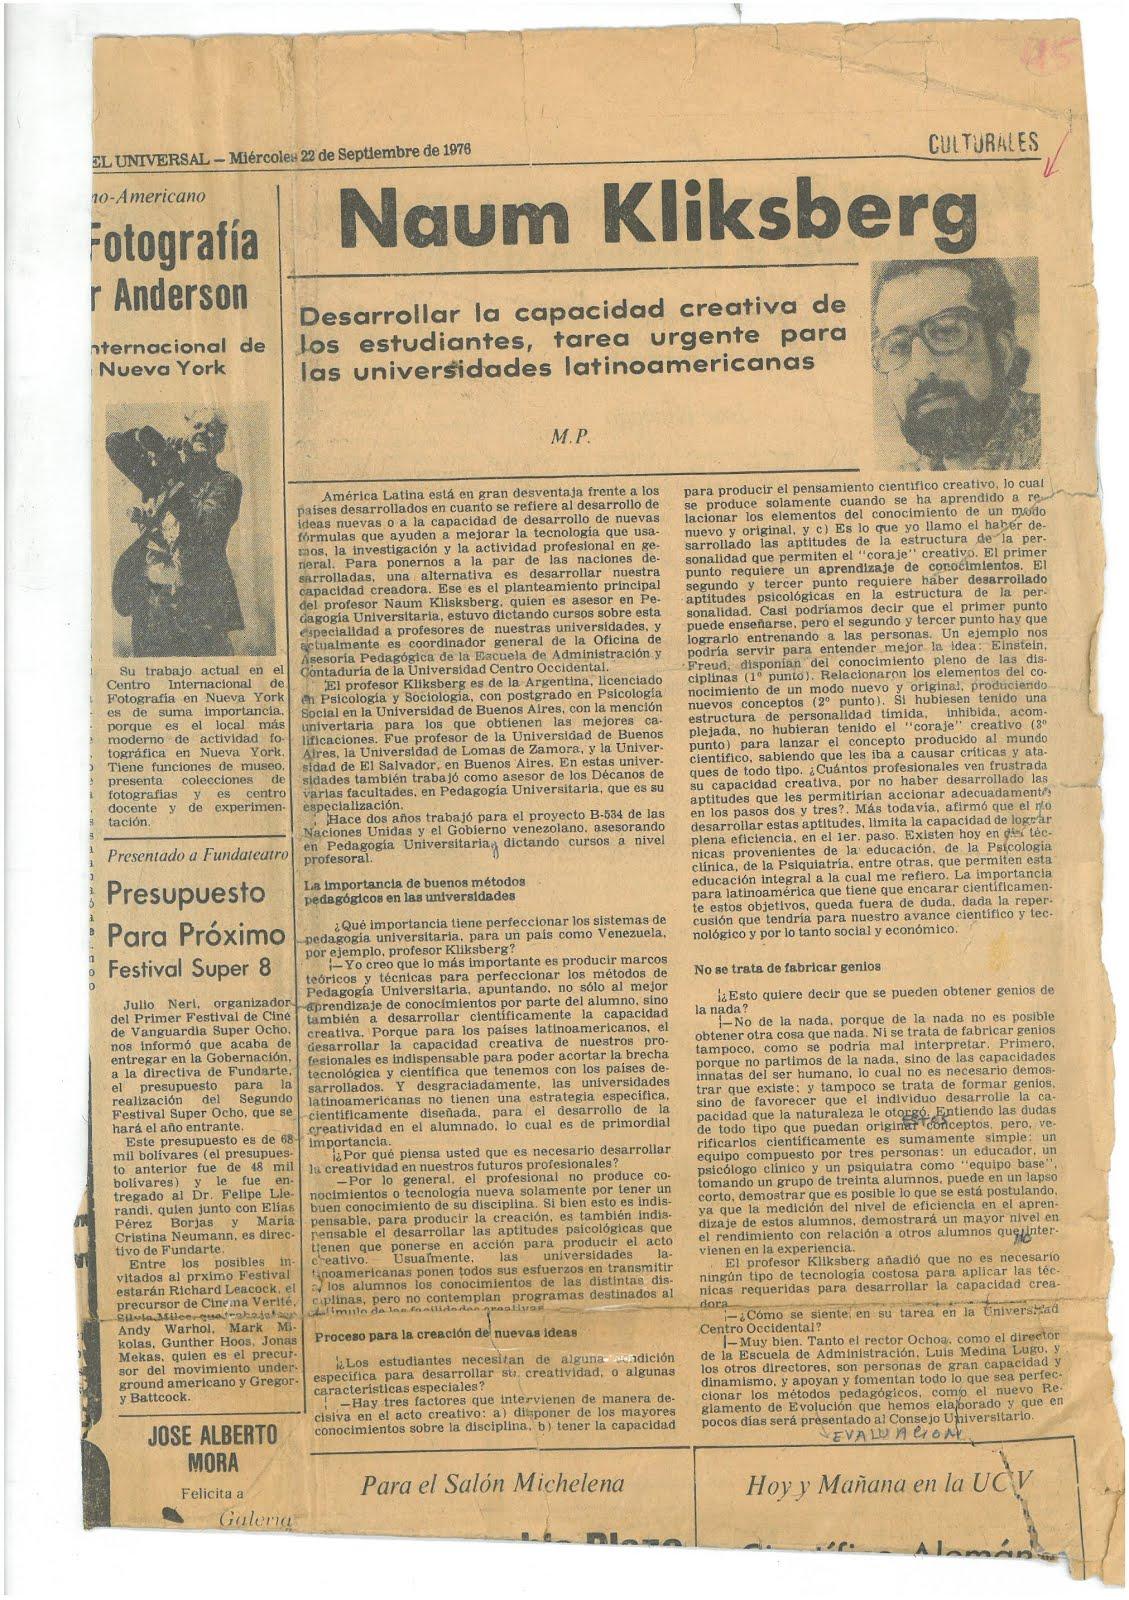 13 -PERIODICO EL UNIVERSAL (el más importante de Venezuela) REPORTAJE A NAUM KLIKSBERG, 22/9/1976